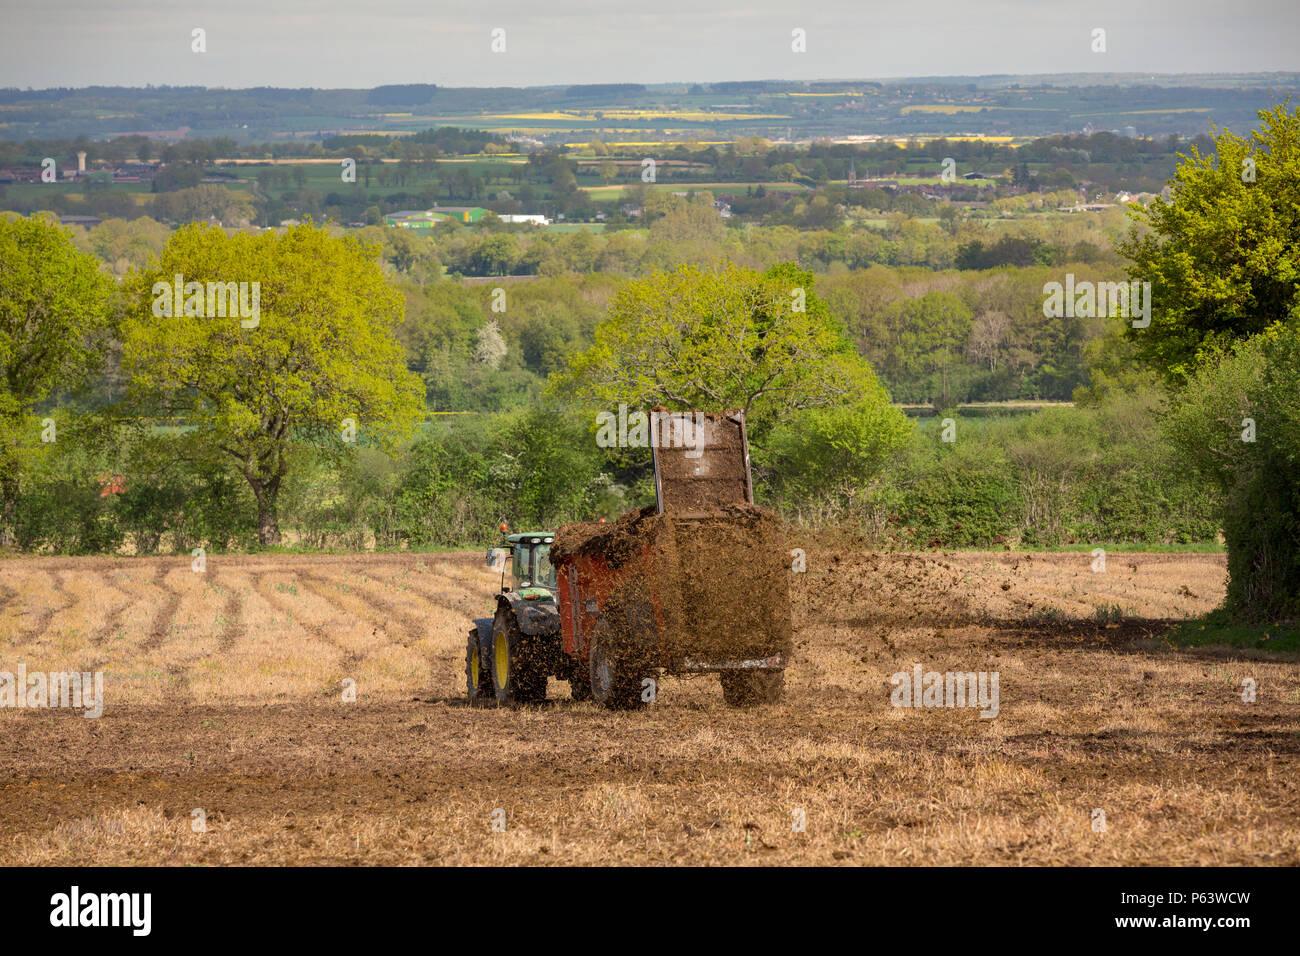 Un agriculteur à l'aide d'un épandeur de fumier derrière son tracteur pour diffuser un mélange d'engrais organique et le foin sur ses terres pour la fertilisation. Photo Stock